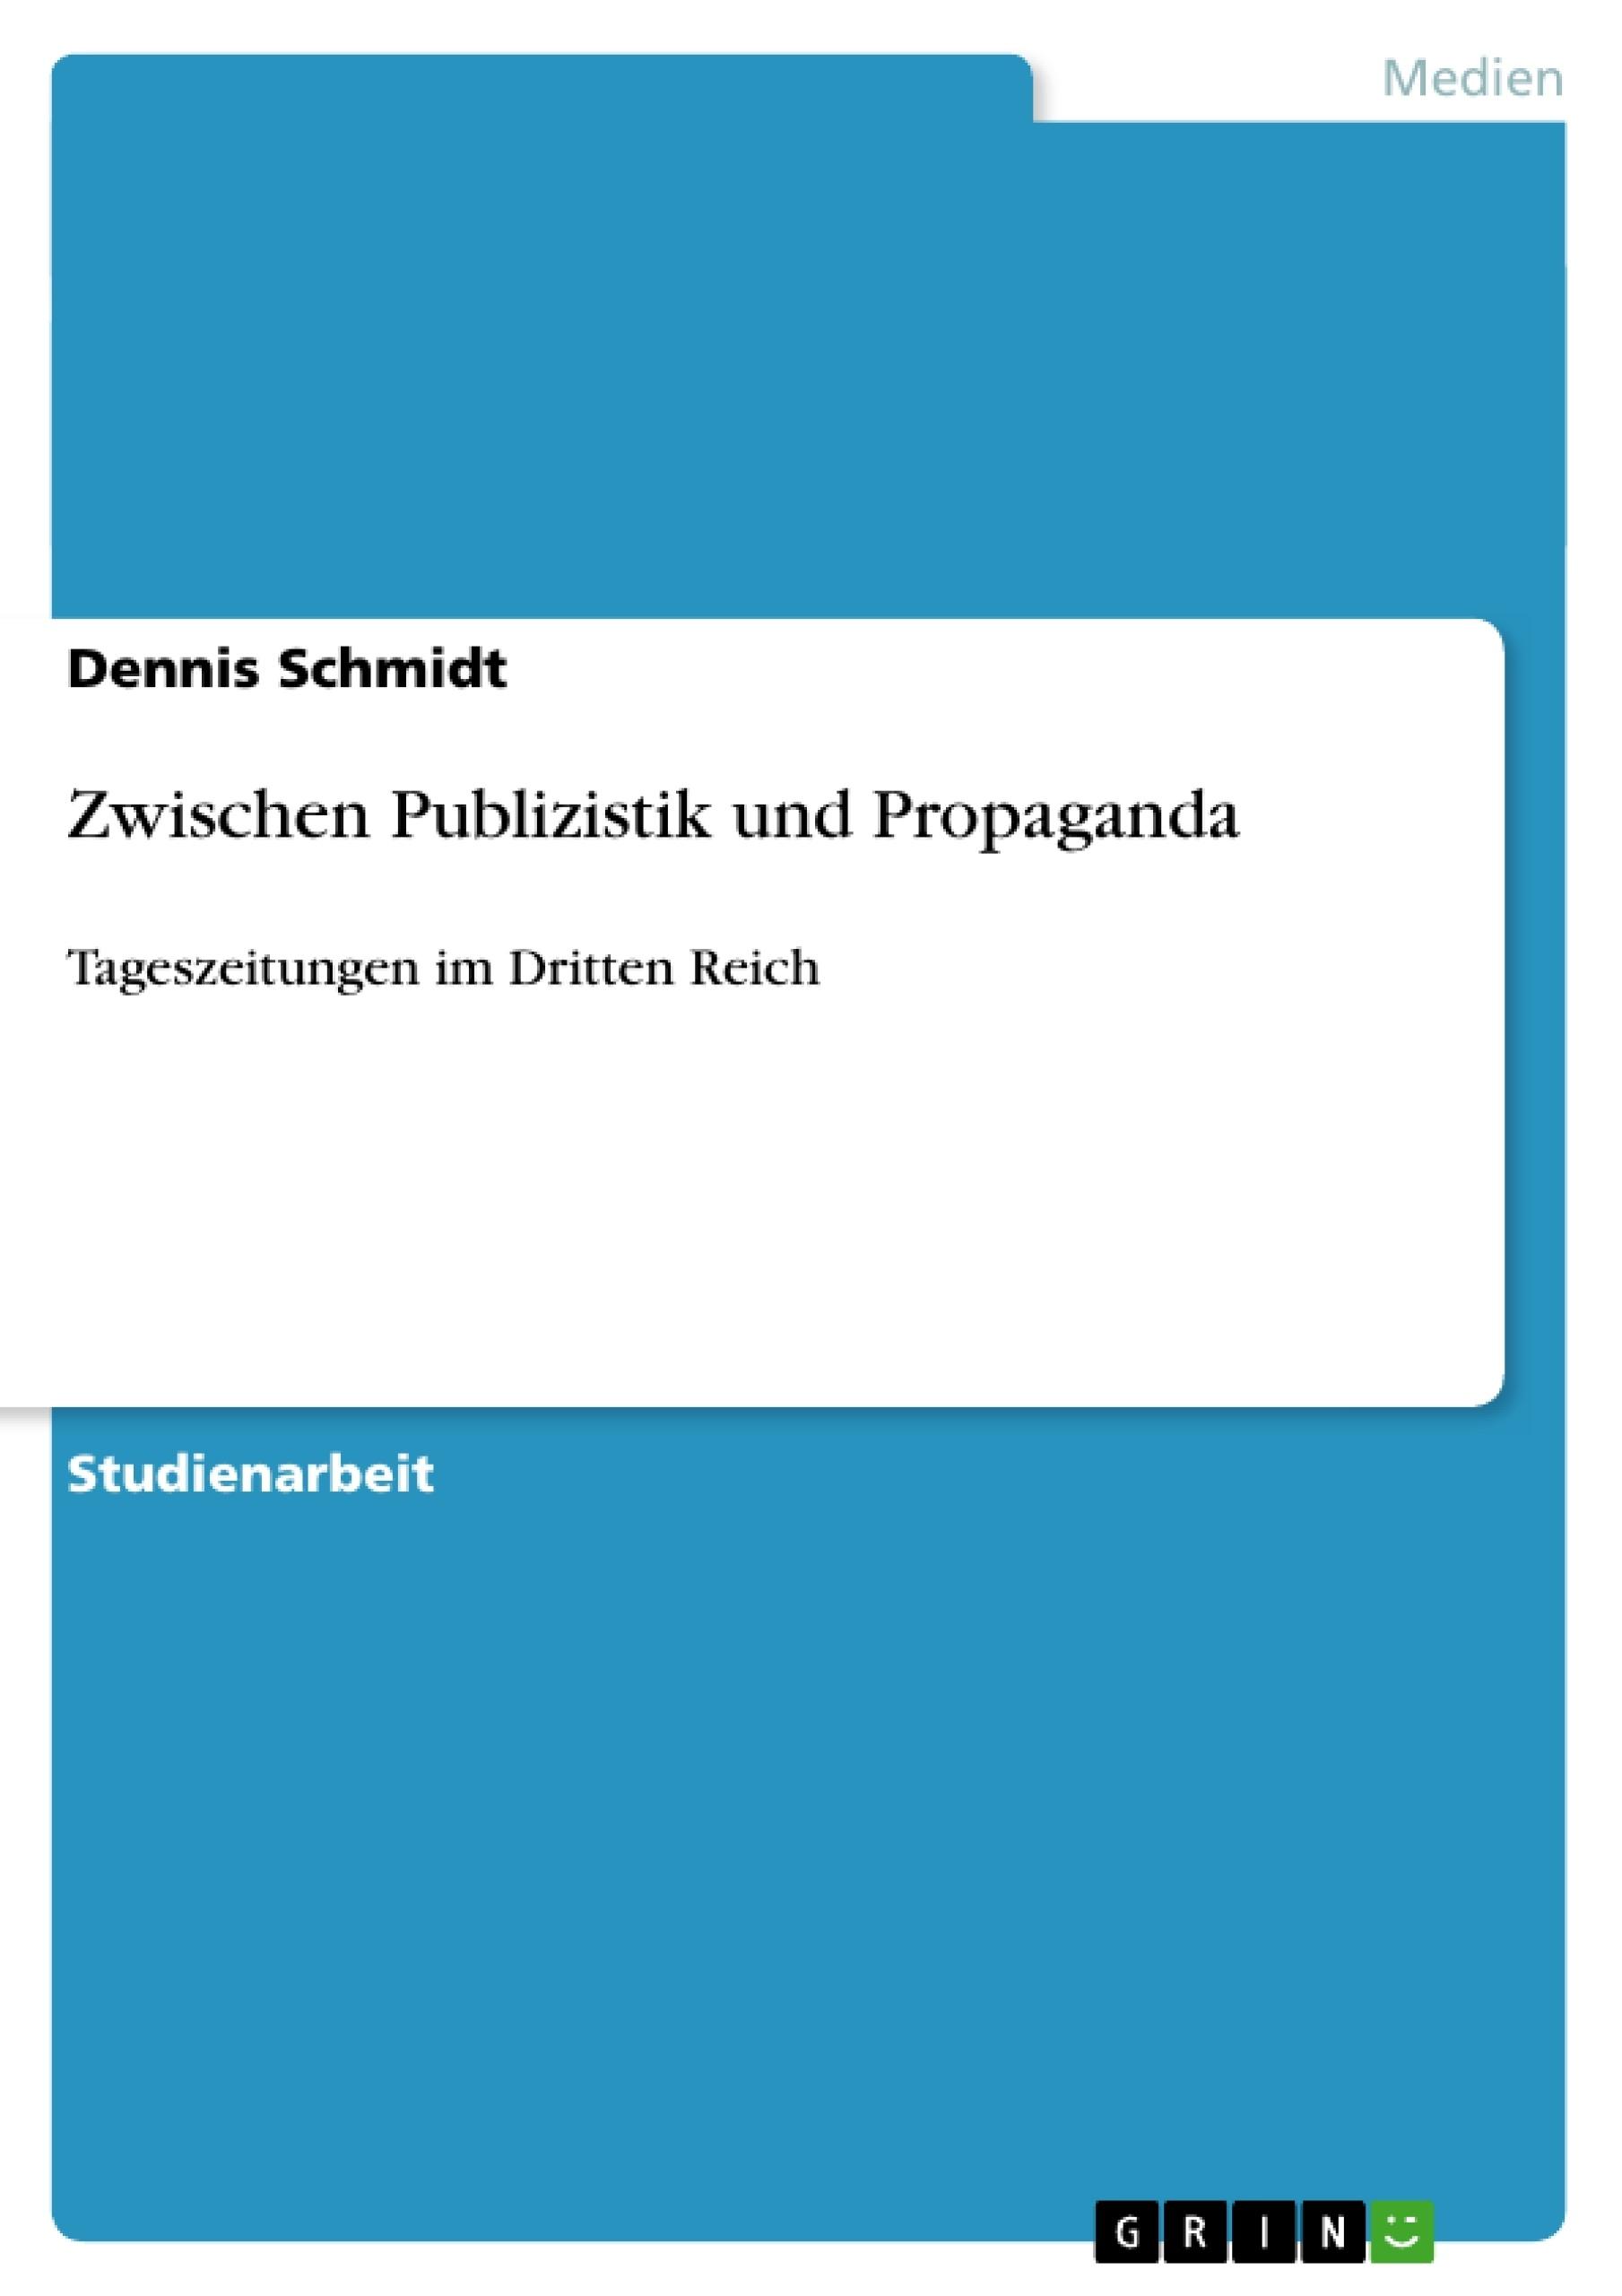 Titel: Zwischen Publizistik und Propaganda